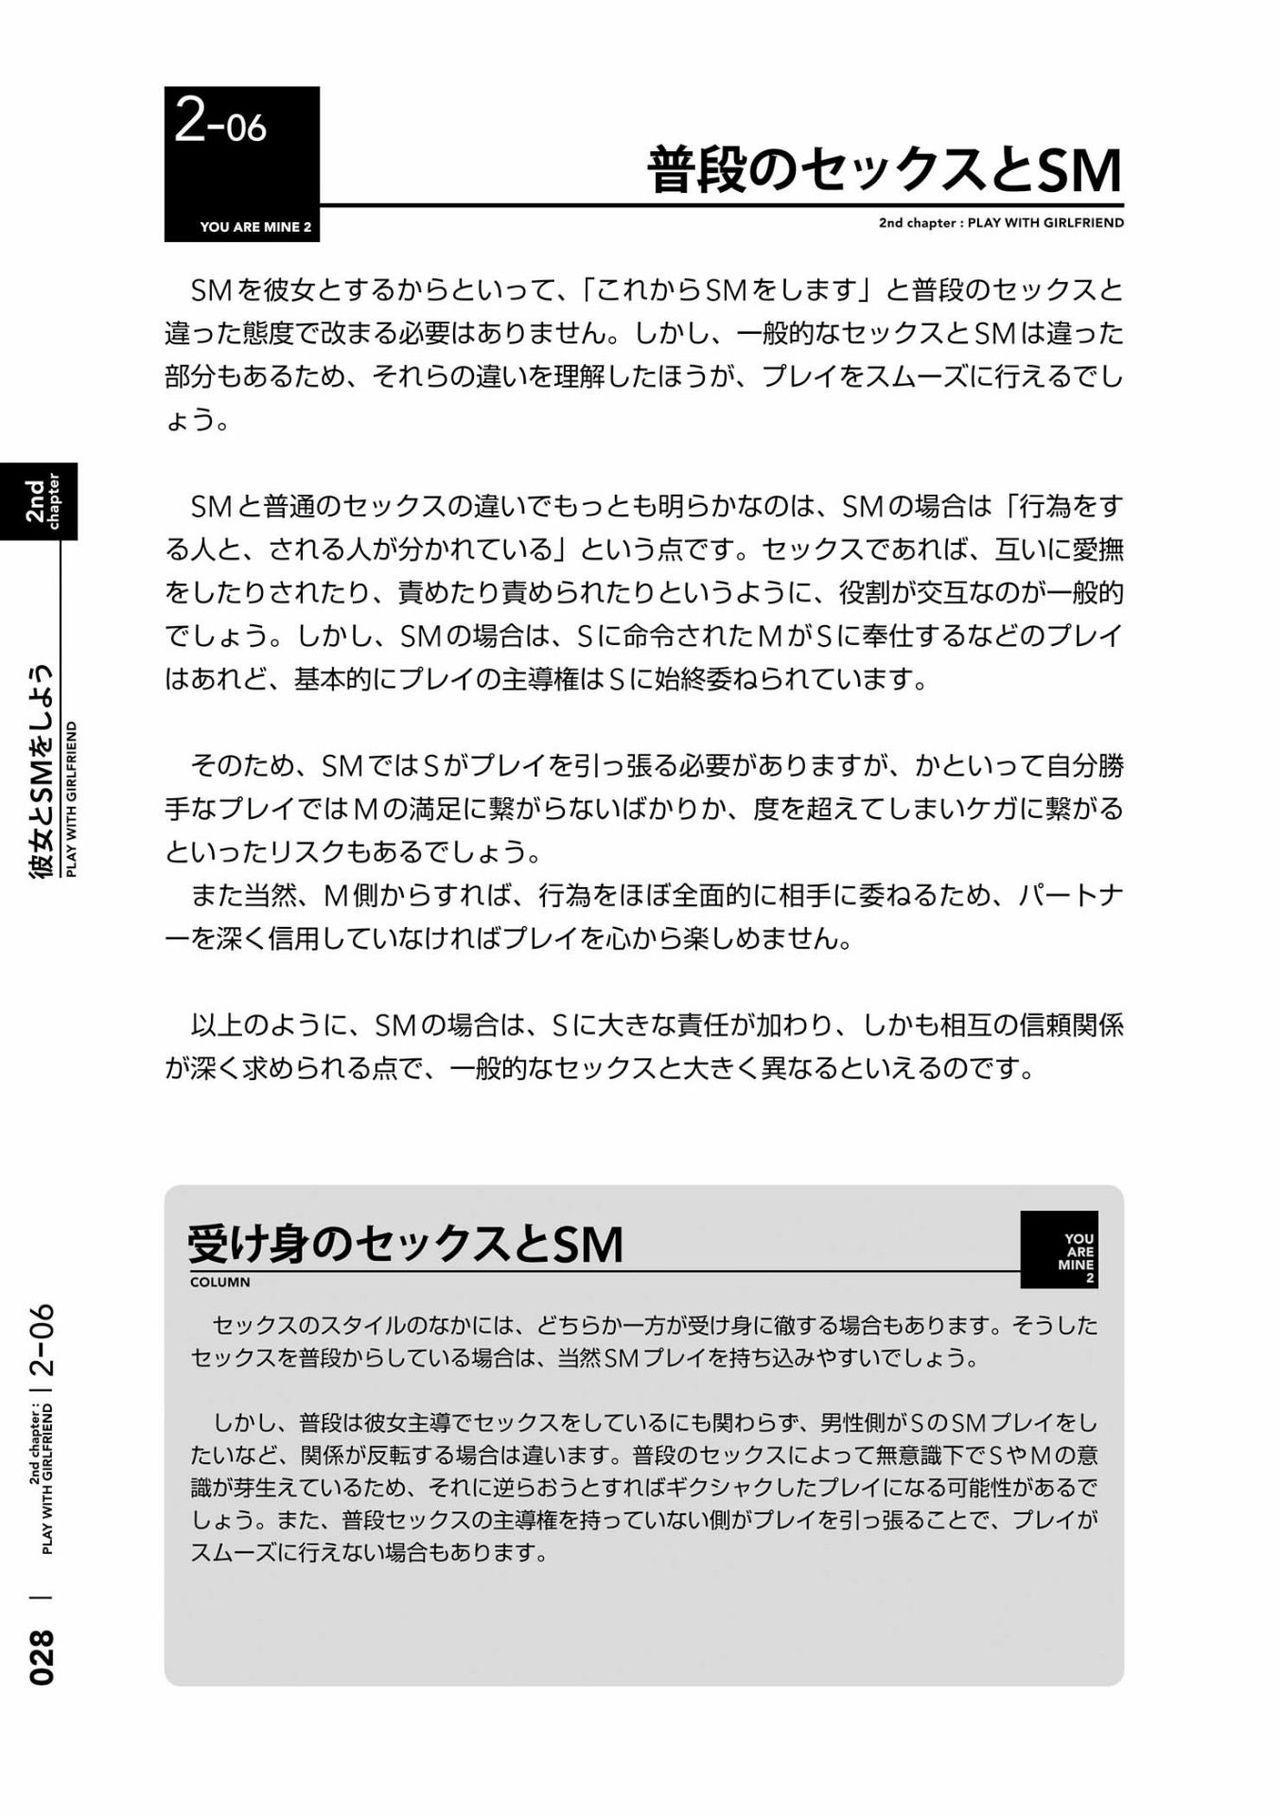 [Mitsuba] Karada mo Kokoro mo Boku no Mono ~Hajimete no SM Guide~ 2 [Digital] 30